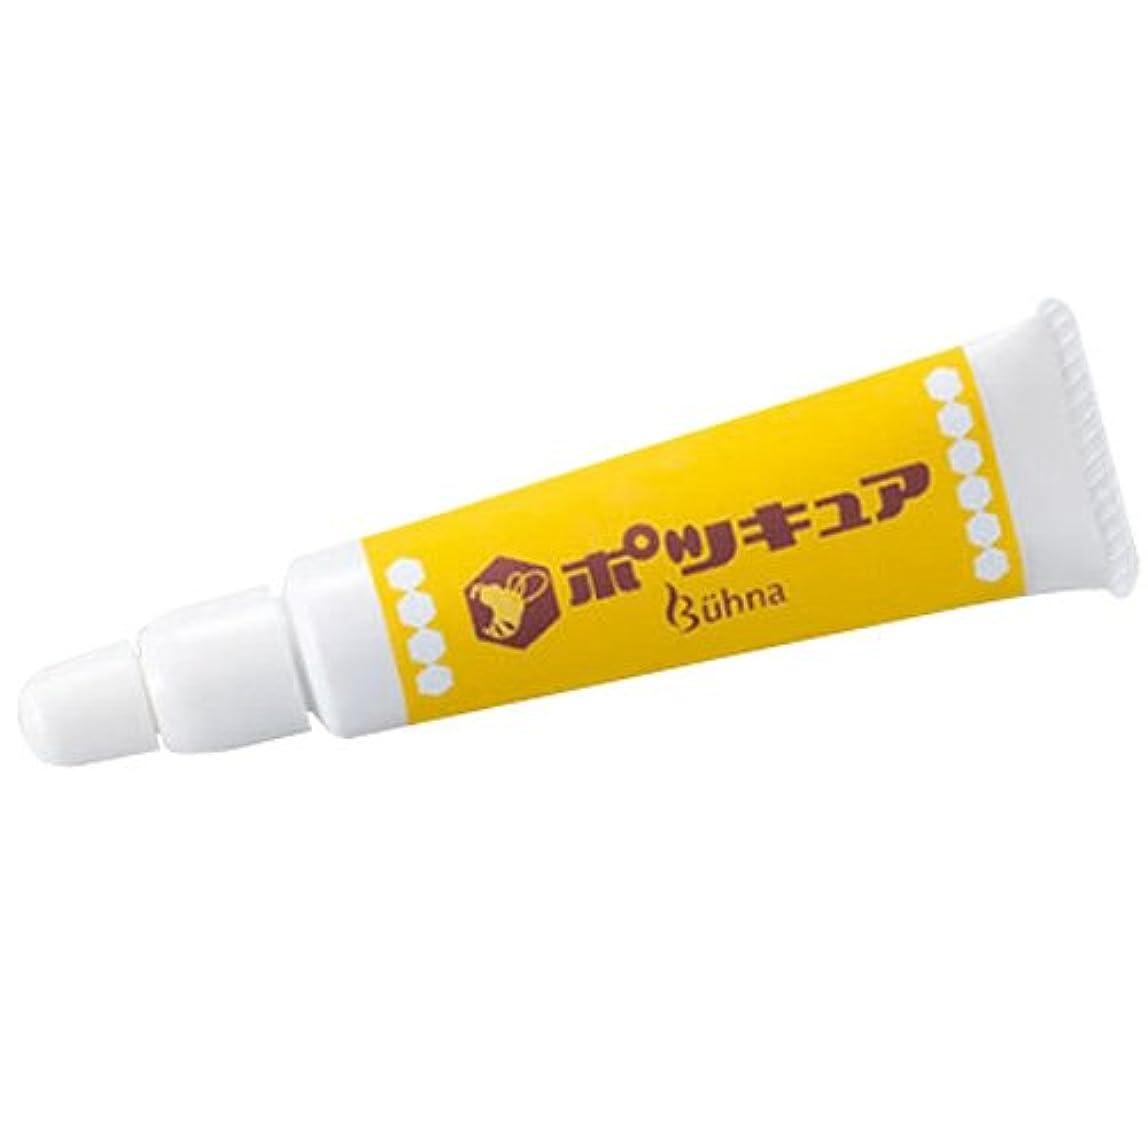 合理化ピジン駅ビューナ ポツキュア